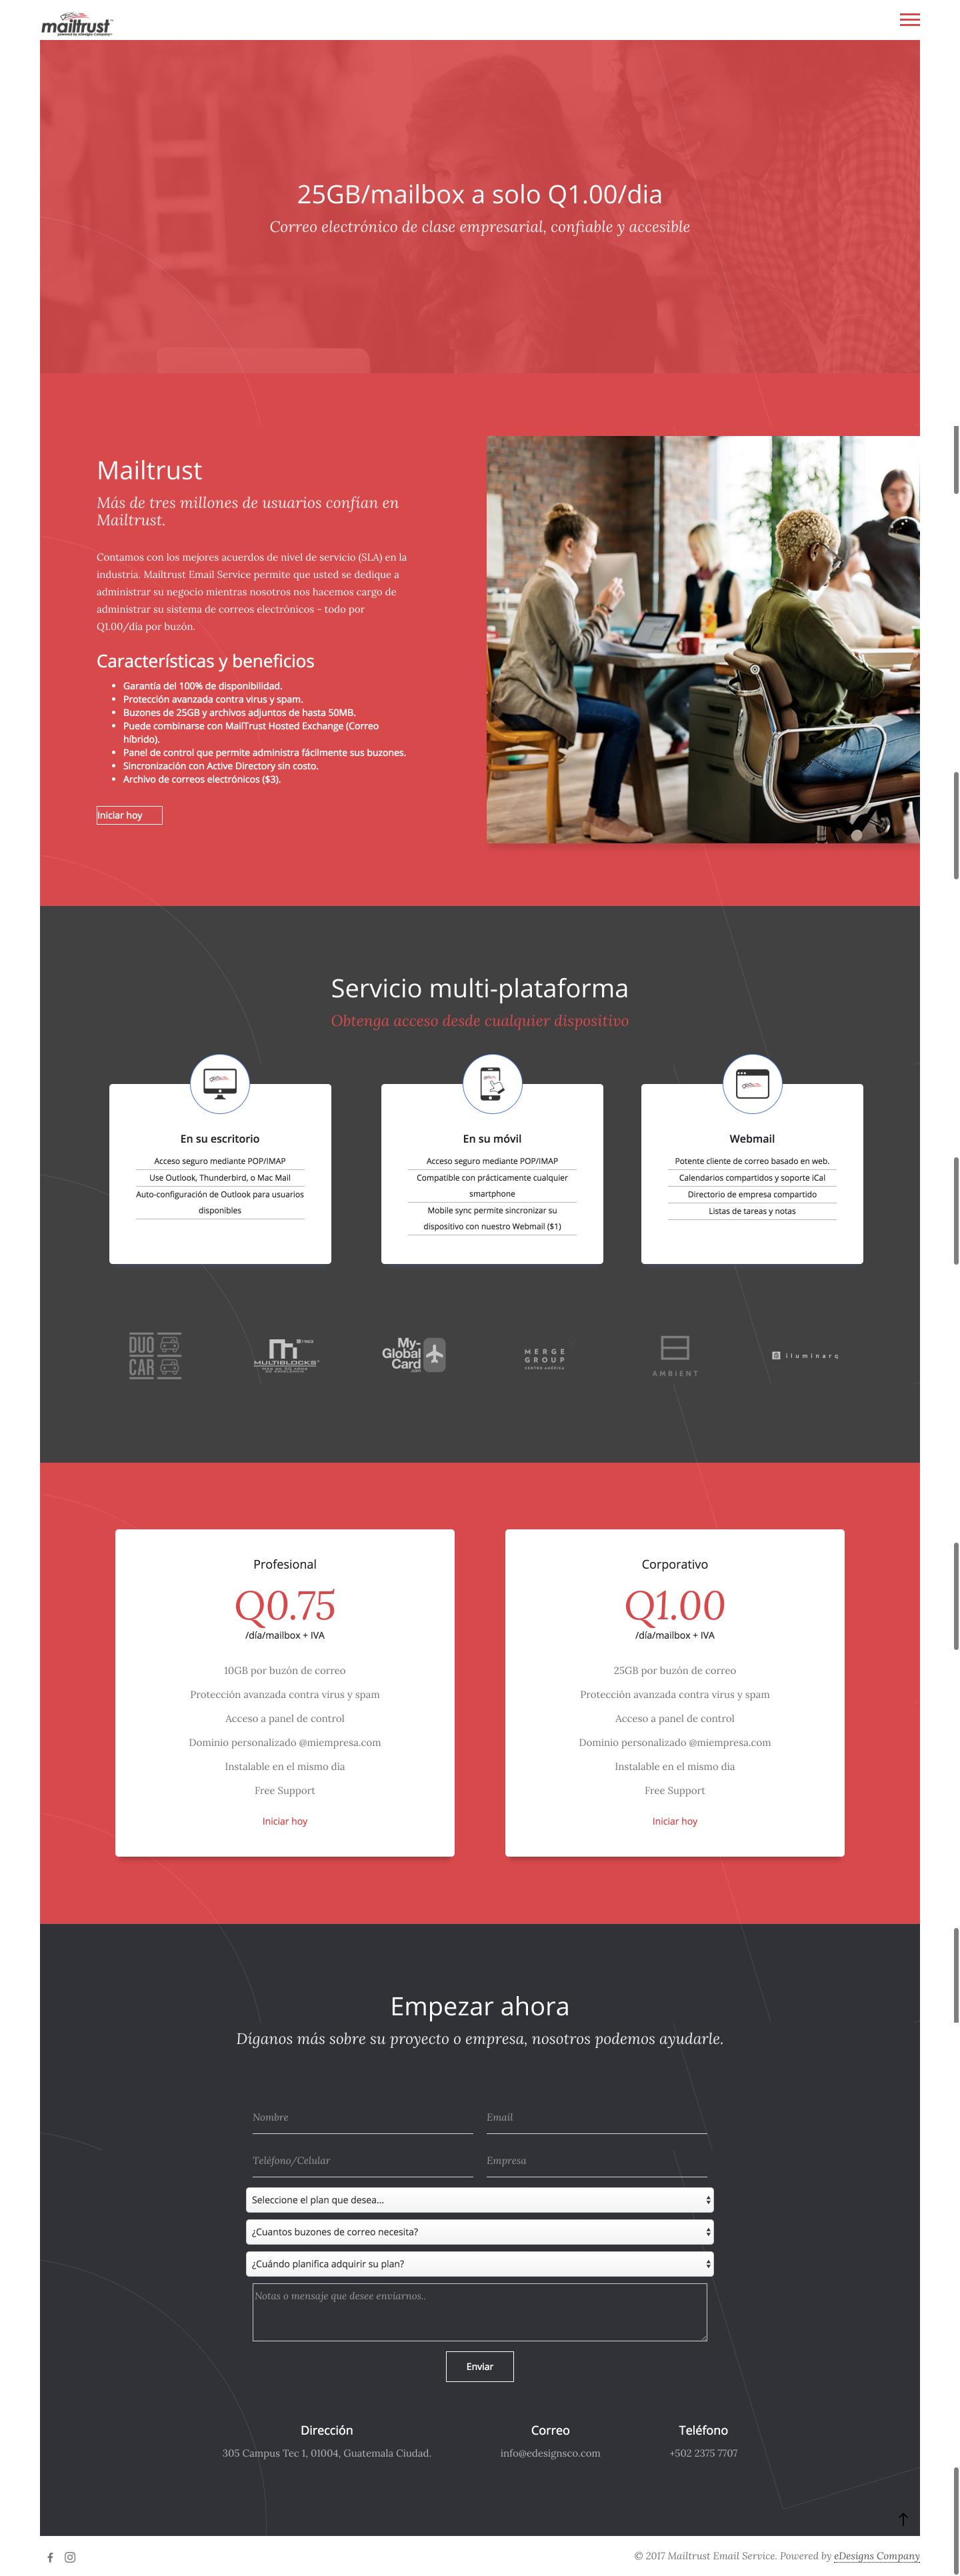 MailtrustMailService